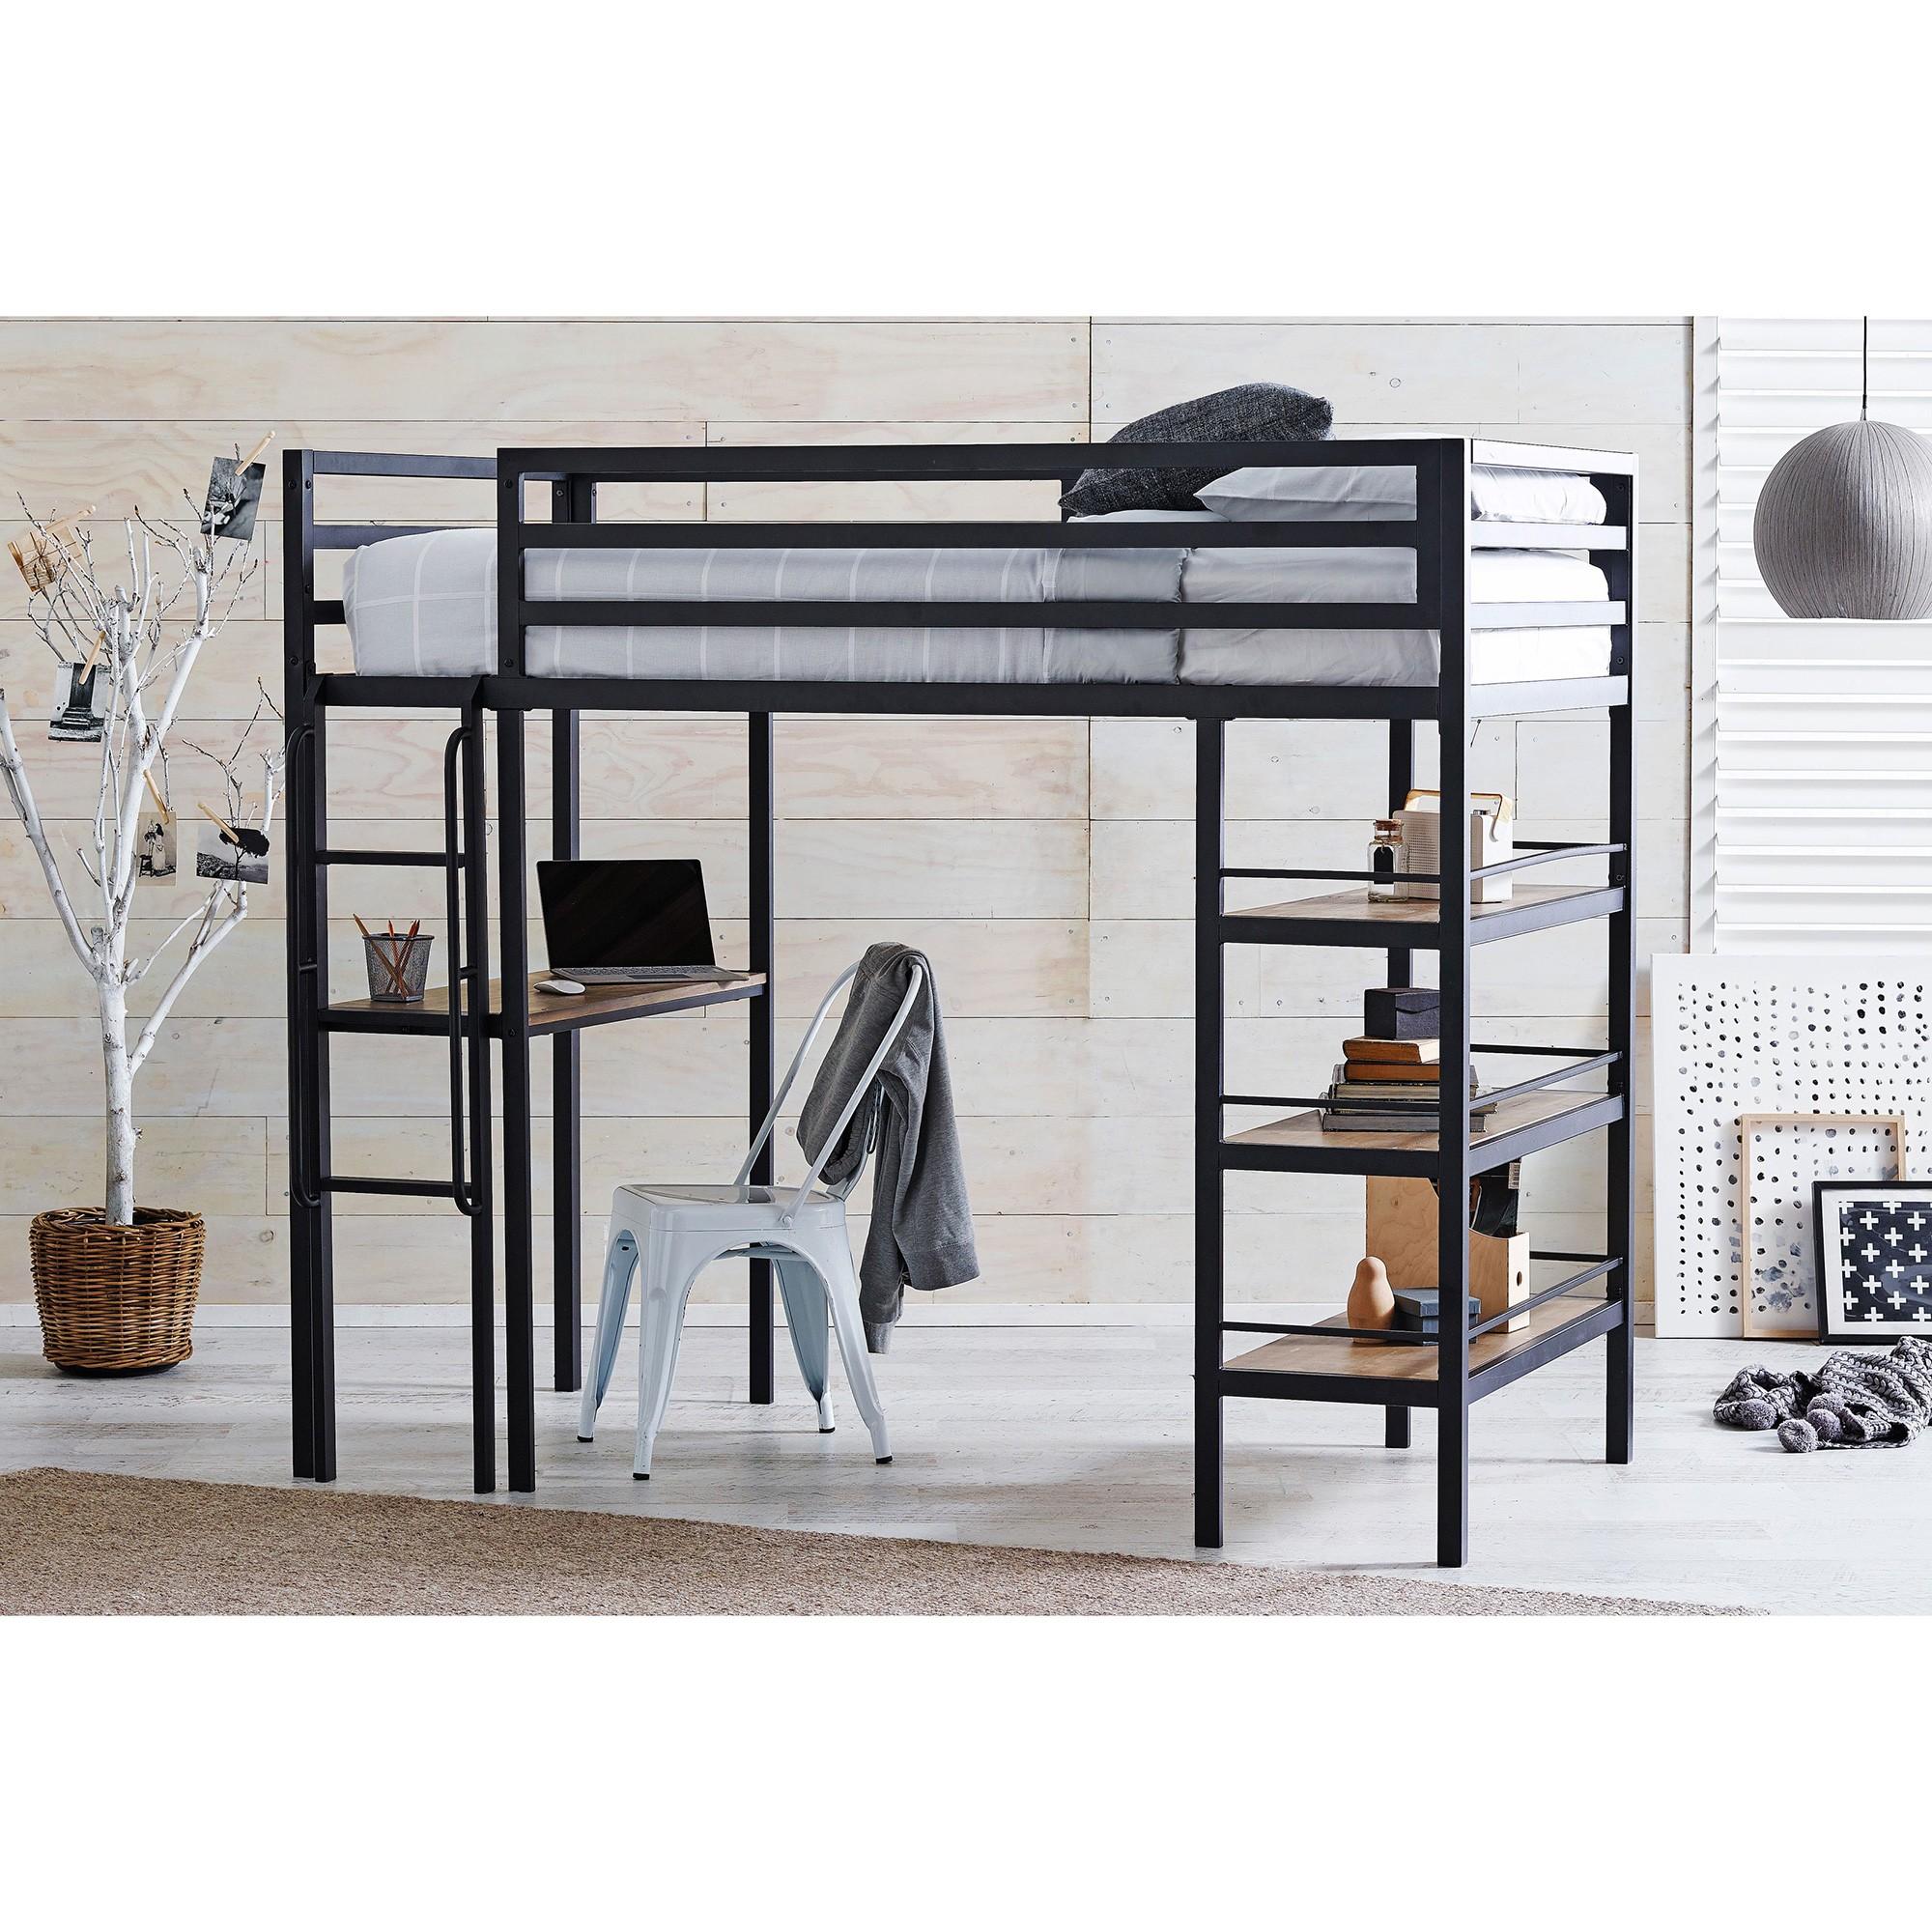 Castle Metal Loft Bed, King Single, Black